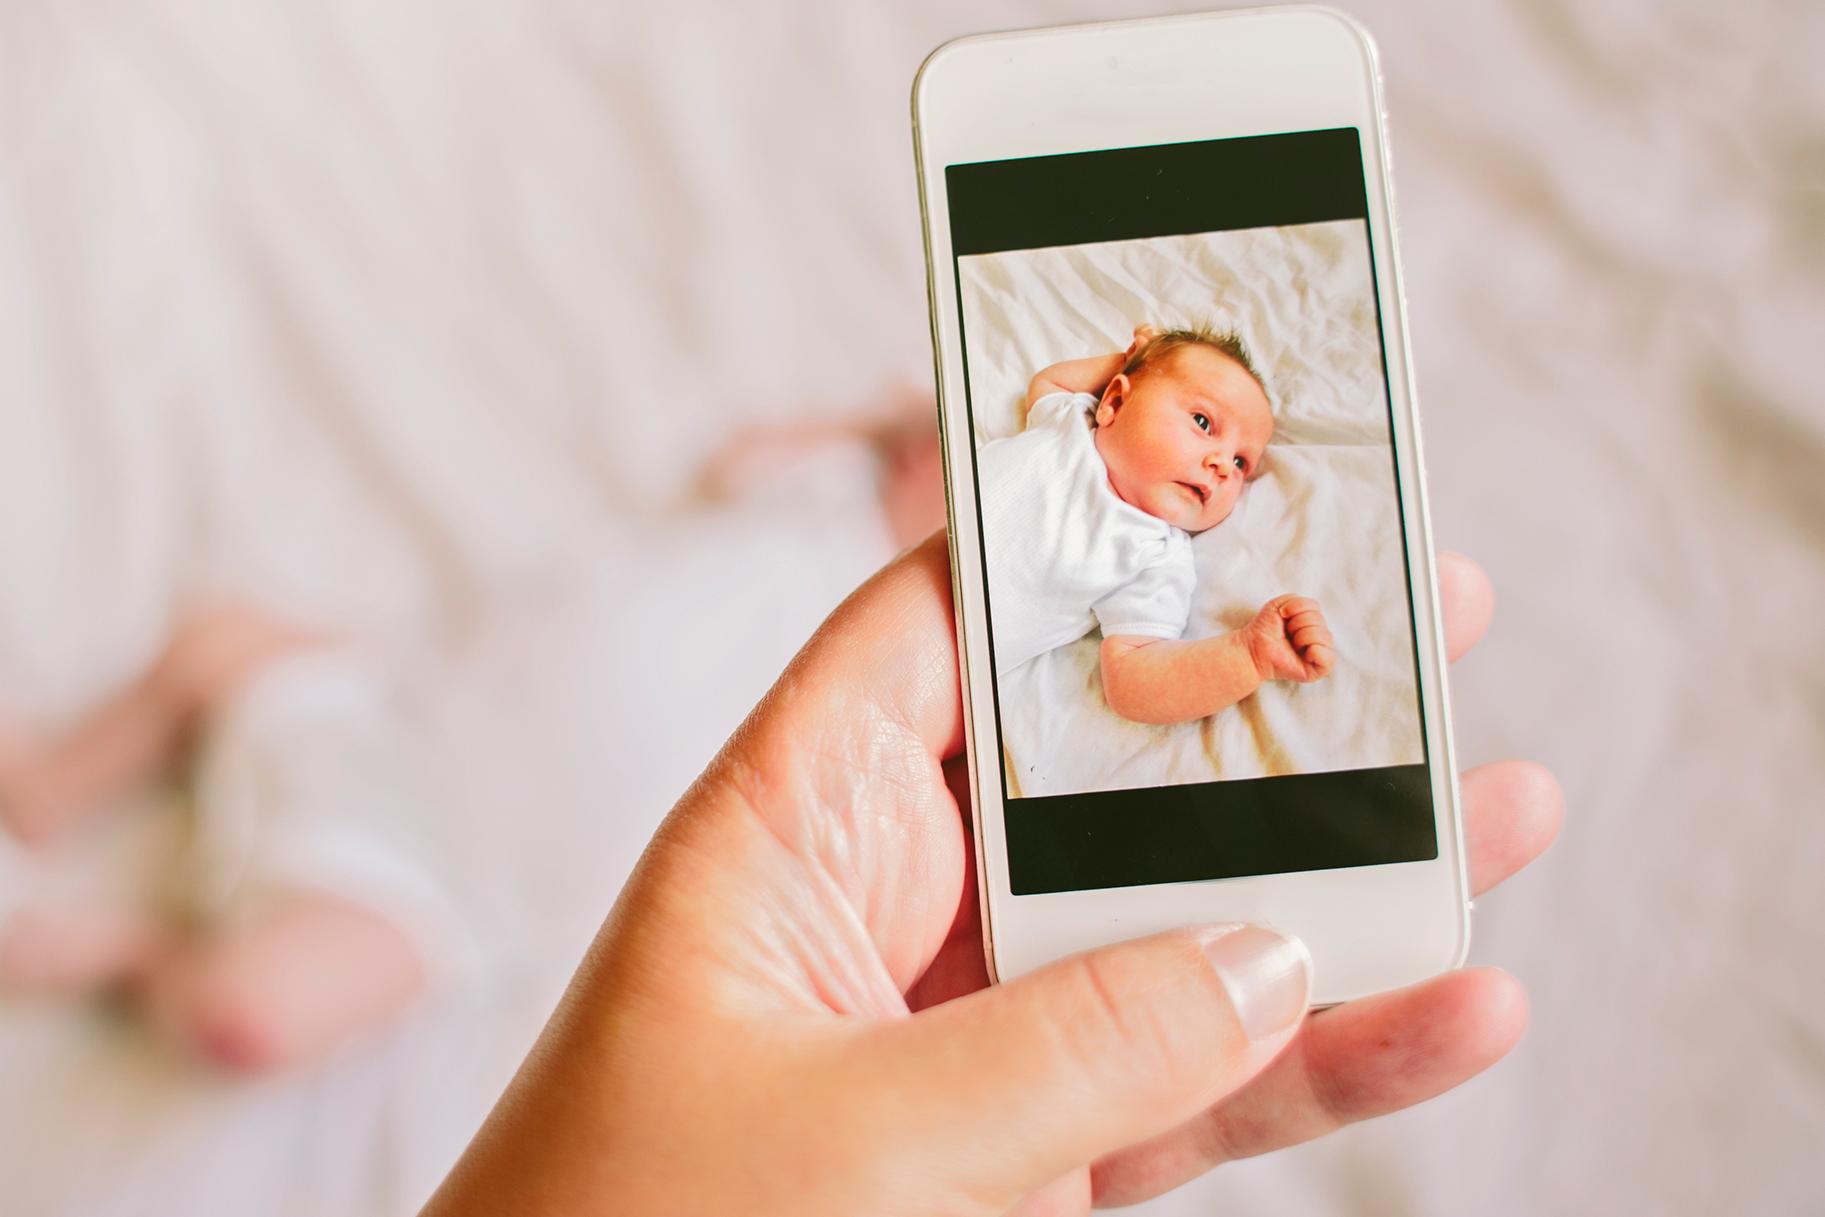 Выкладывать фото детей в интернет